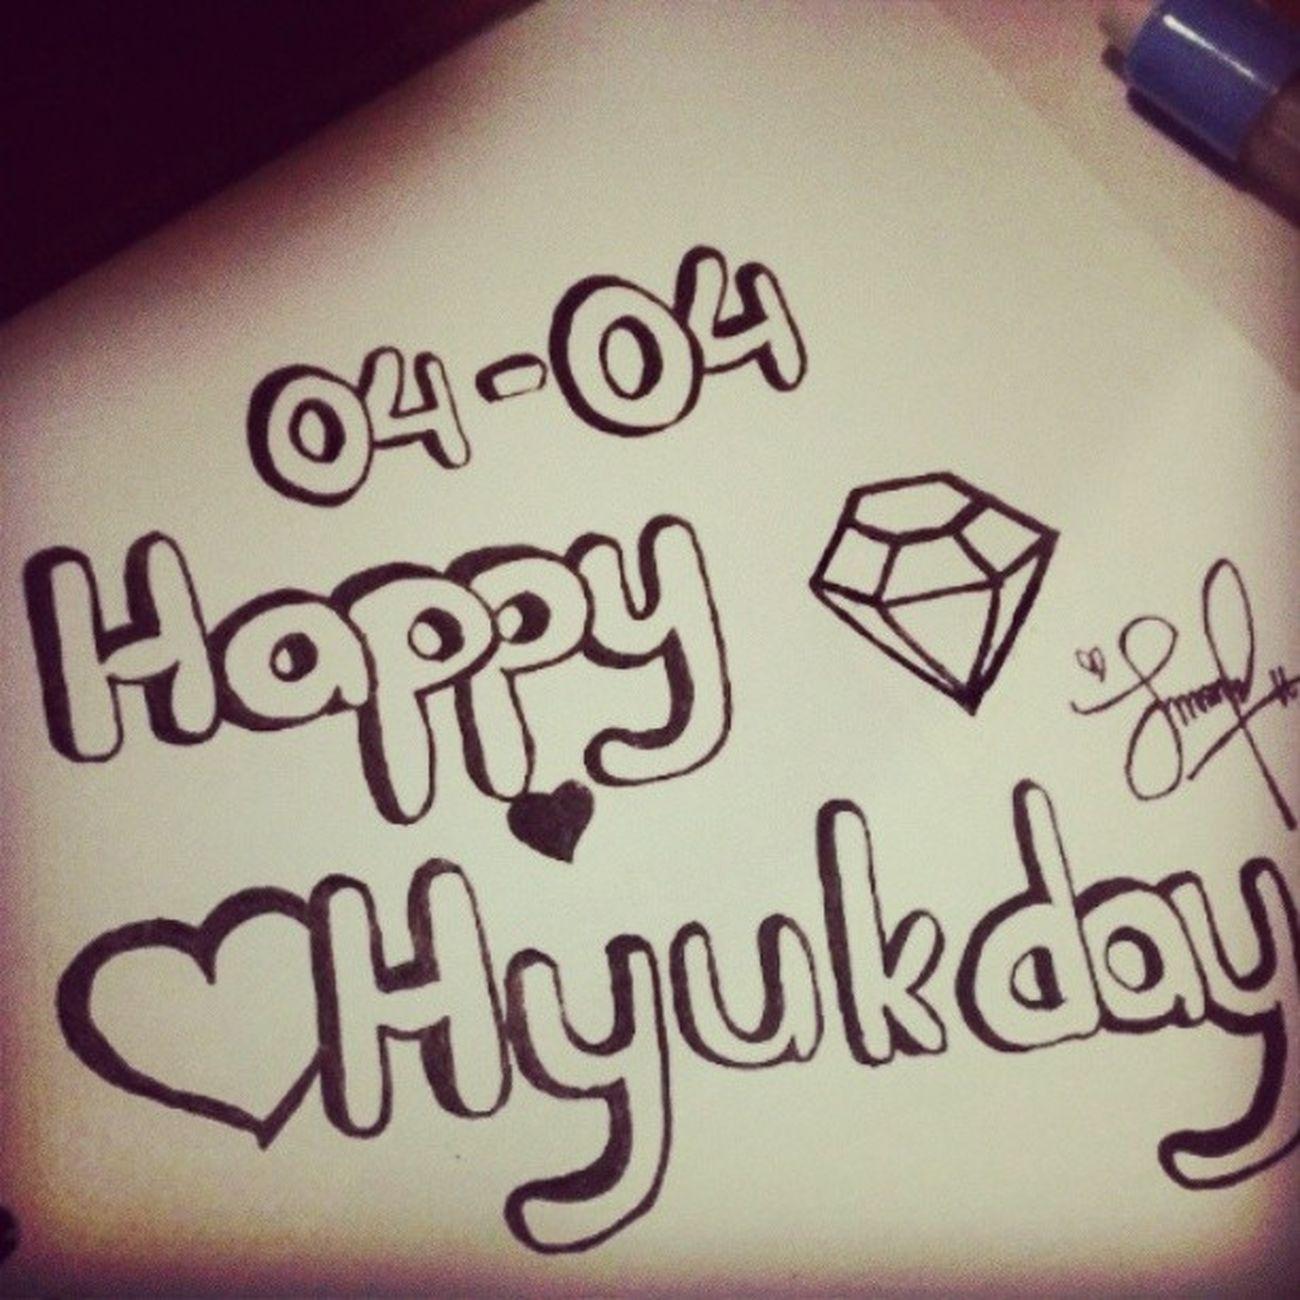 04042014 Happyhyukday happy birthday oppa hyuk ~~^^